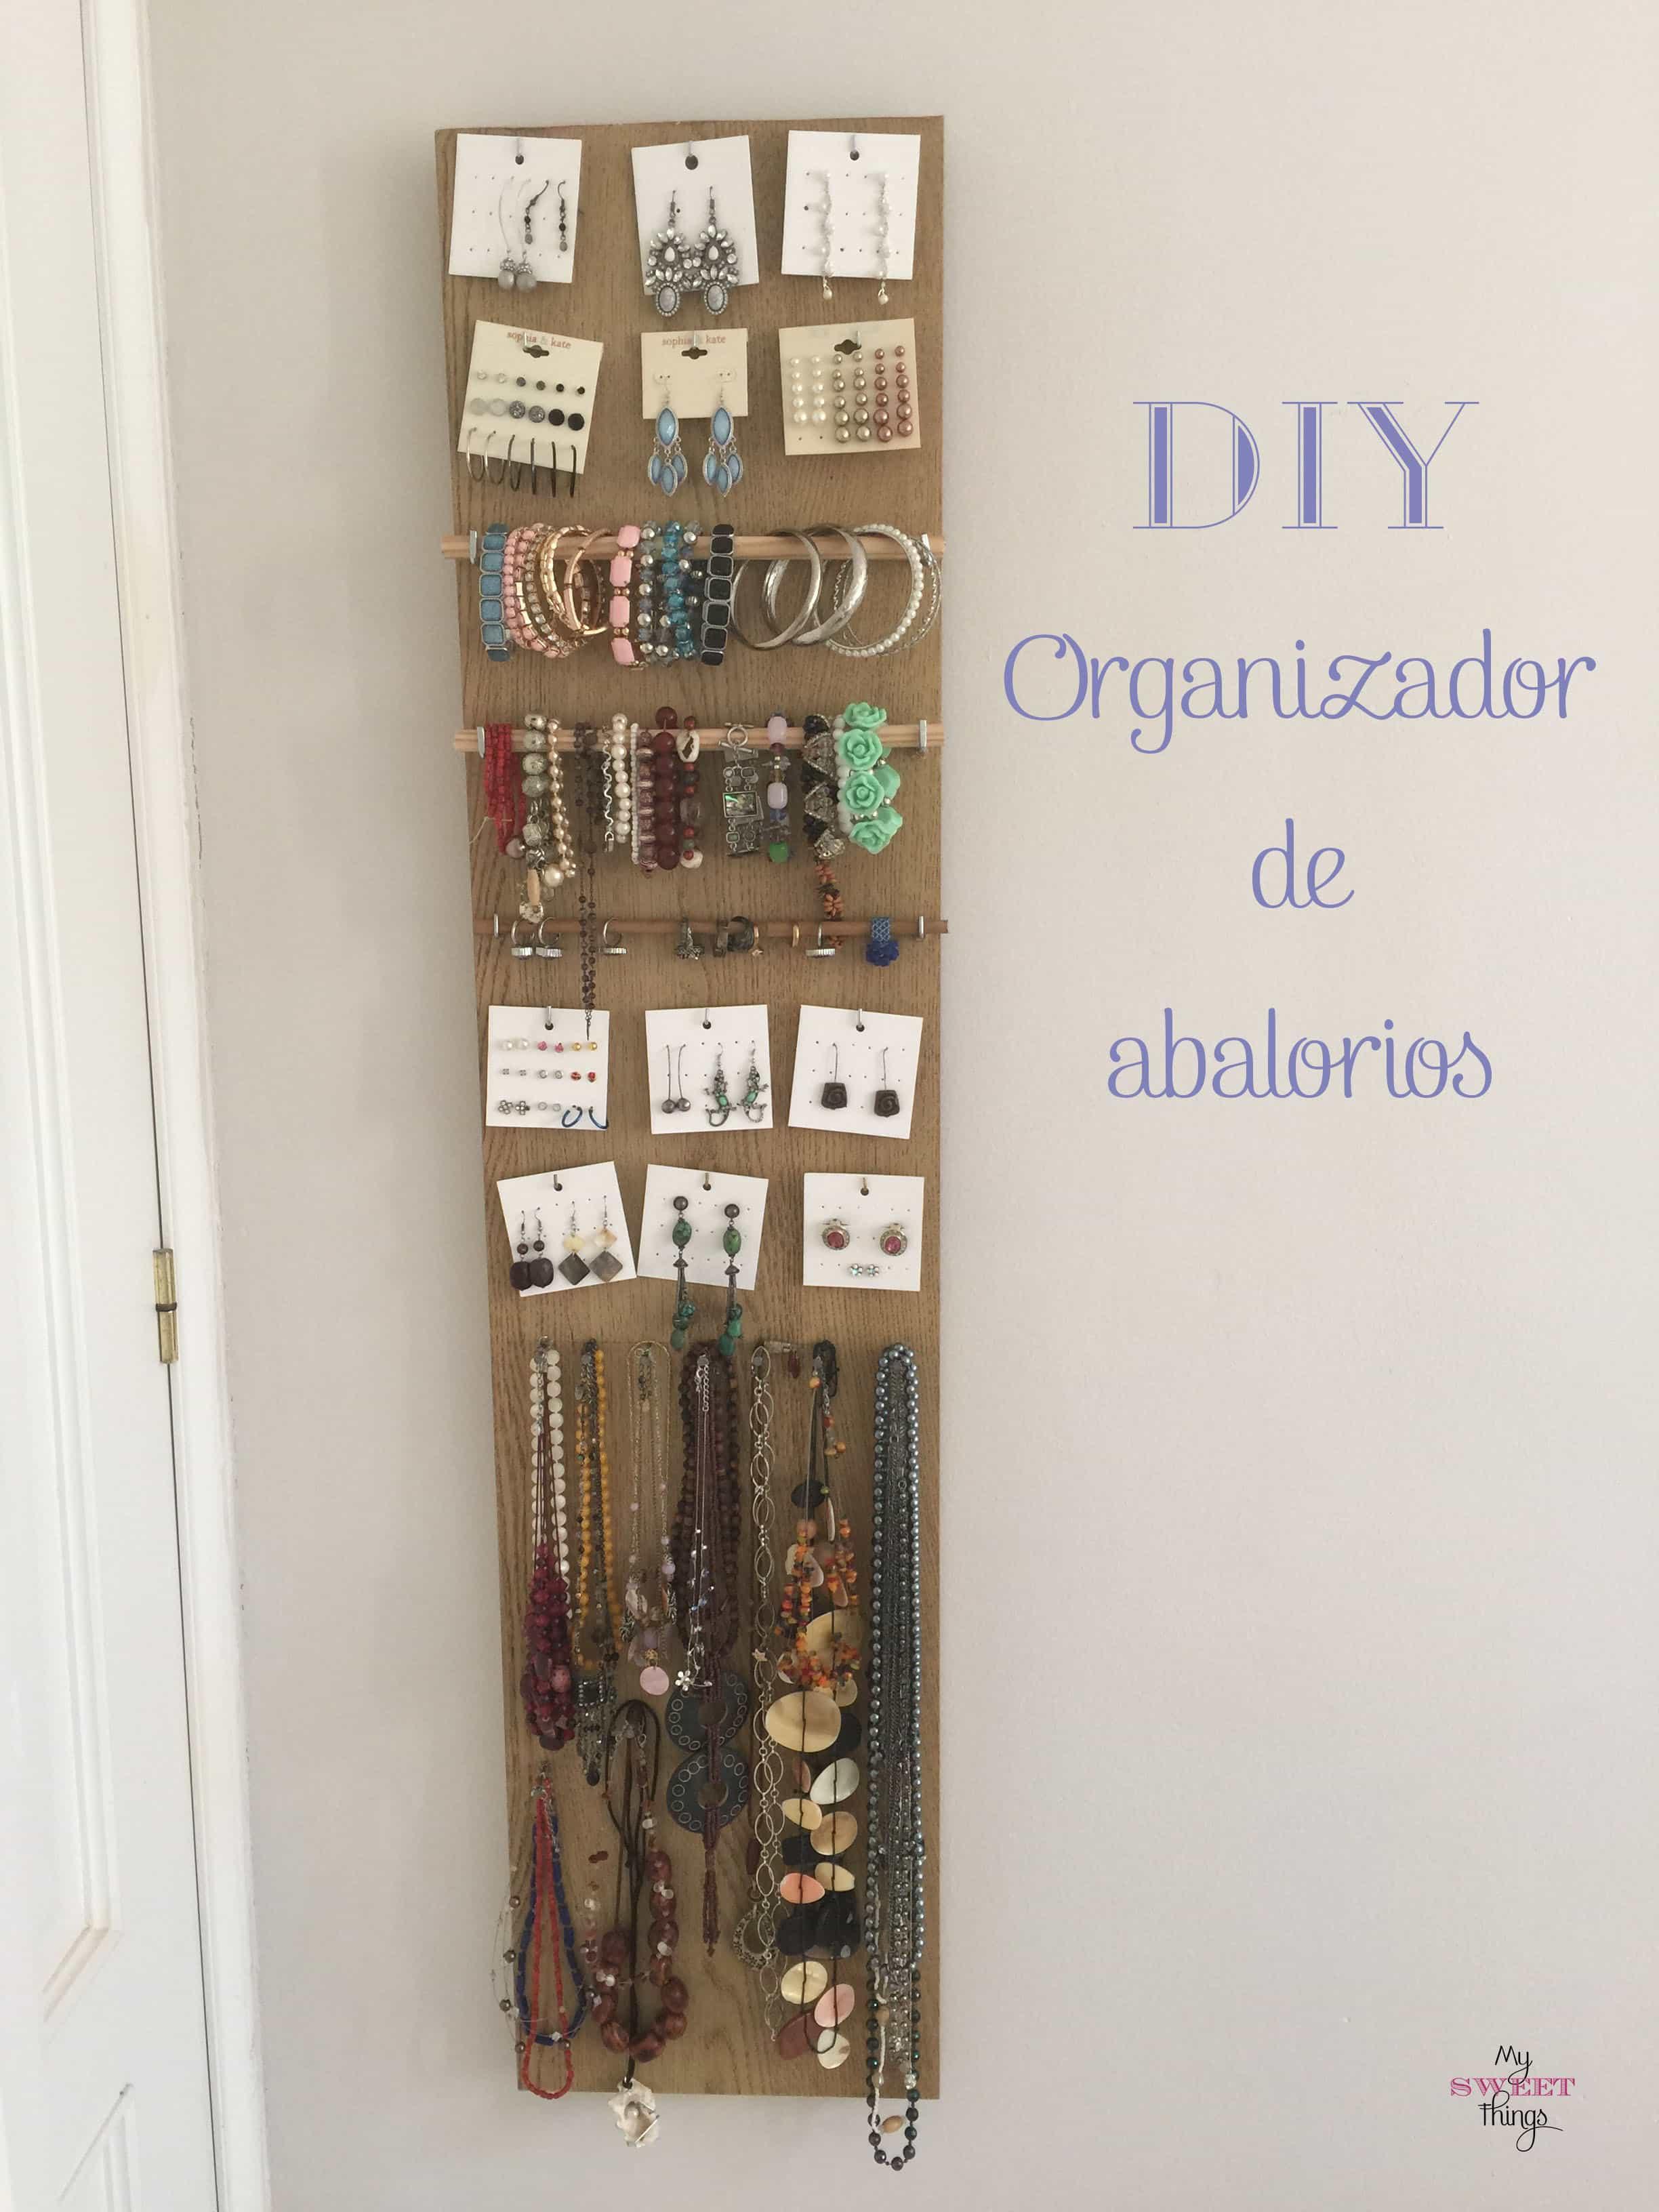 Complicación de proyectos del 2015   Organizador de abalorios DIY   Via www.sweethings.net